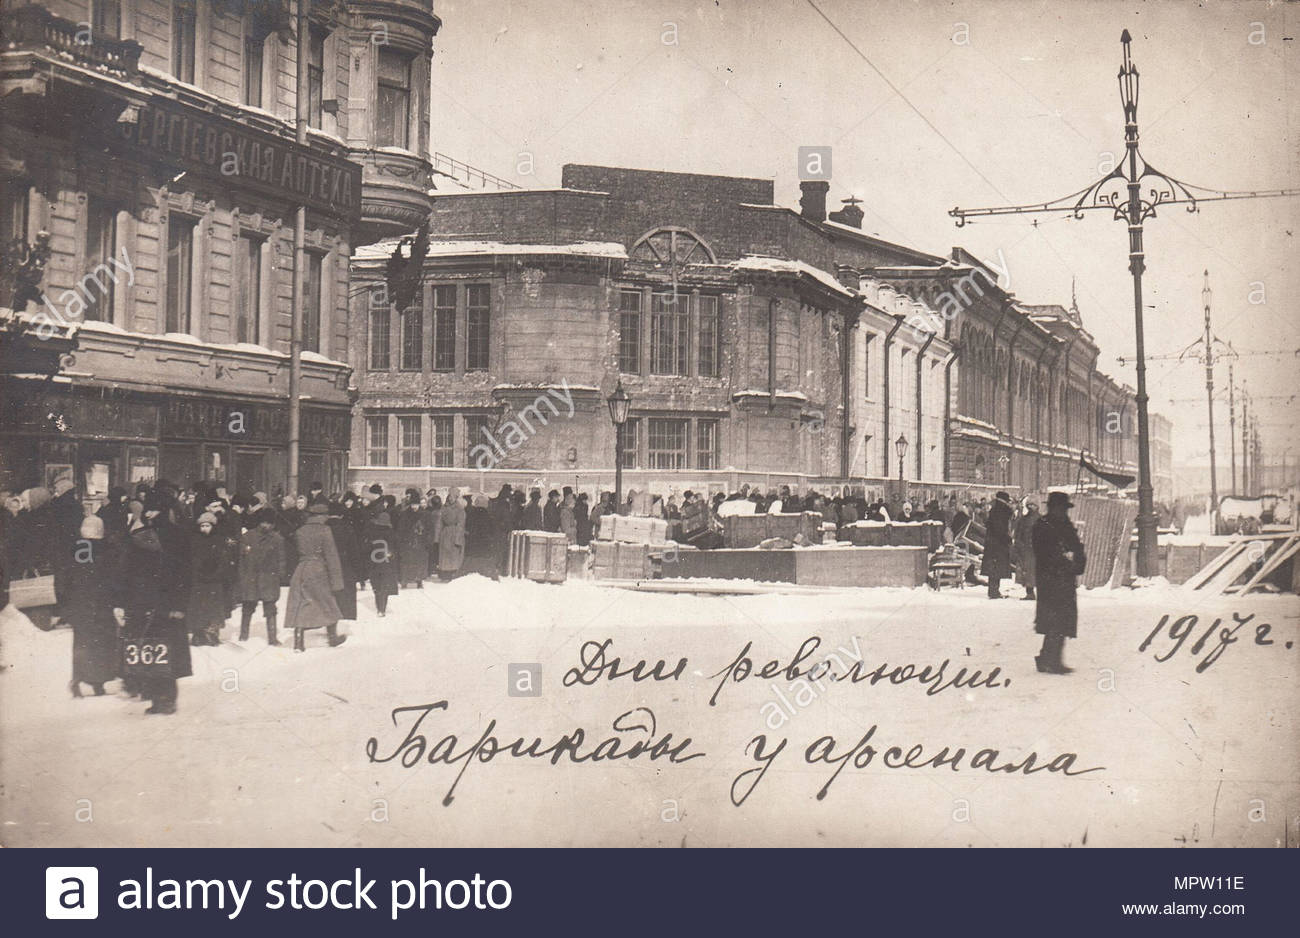 Die Tage der Revolution. Barrikaden im Arsenal, 1917. Stockbild